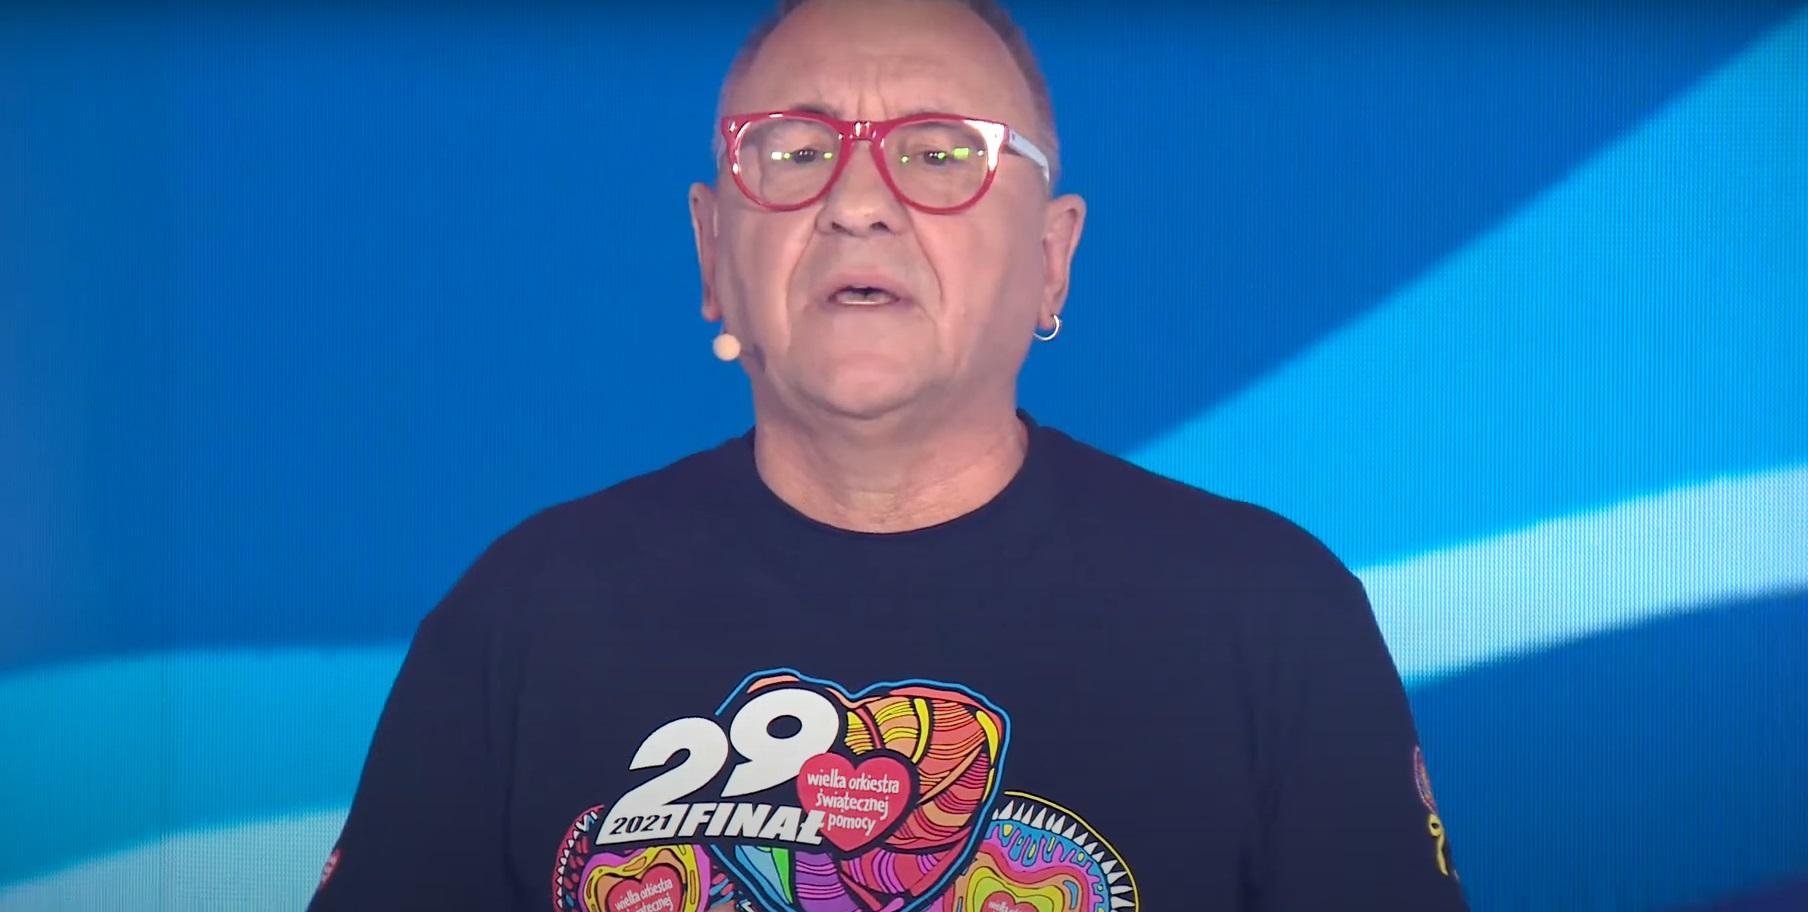 Ile tym razem zebrała WOŚP w roku 2021? Jurek Owsiak ogłosił jaką końcówkę miał finał WOŚP 2021, rekordowa kwota jaką zebrano powala